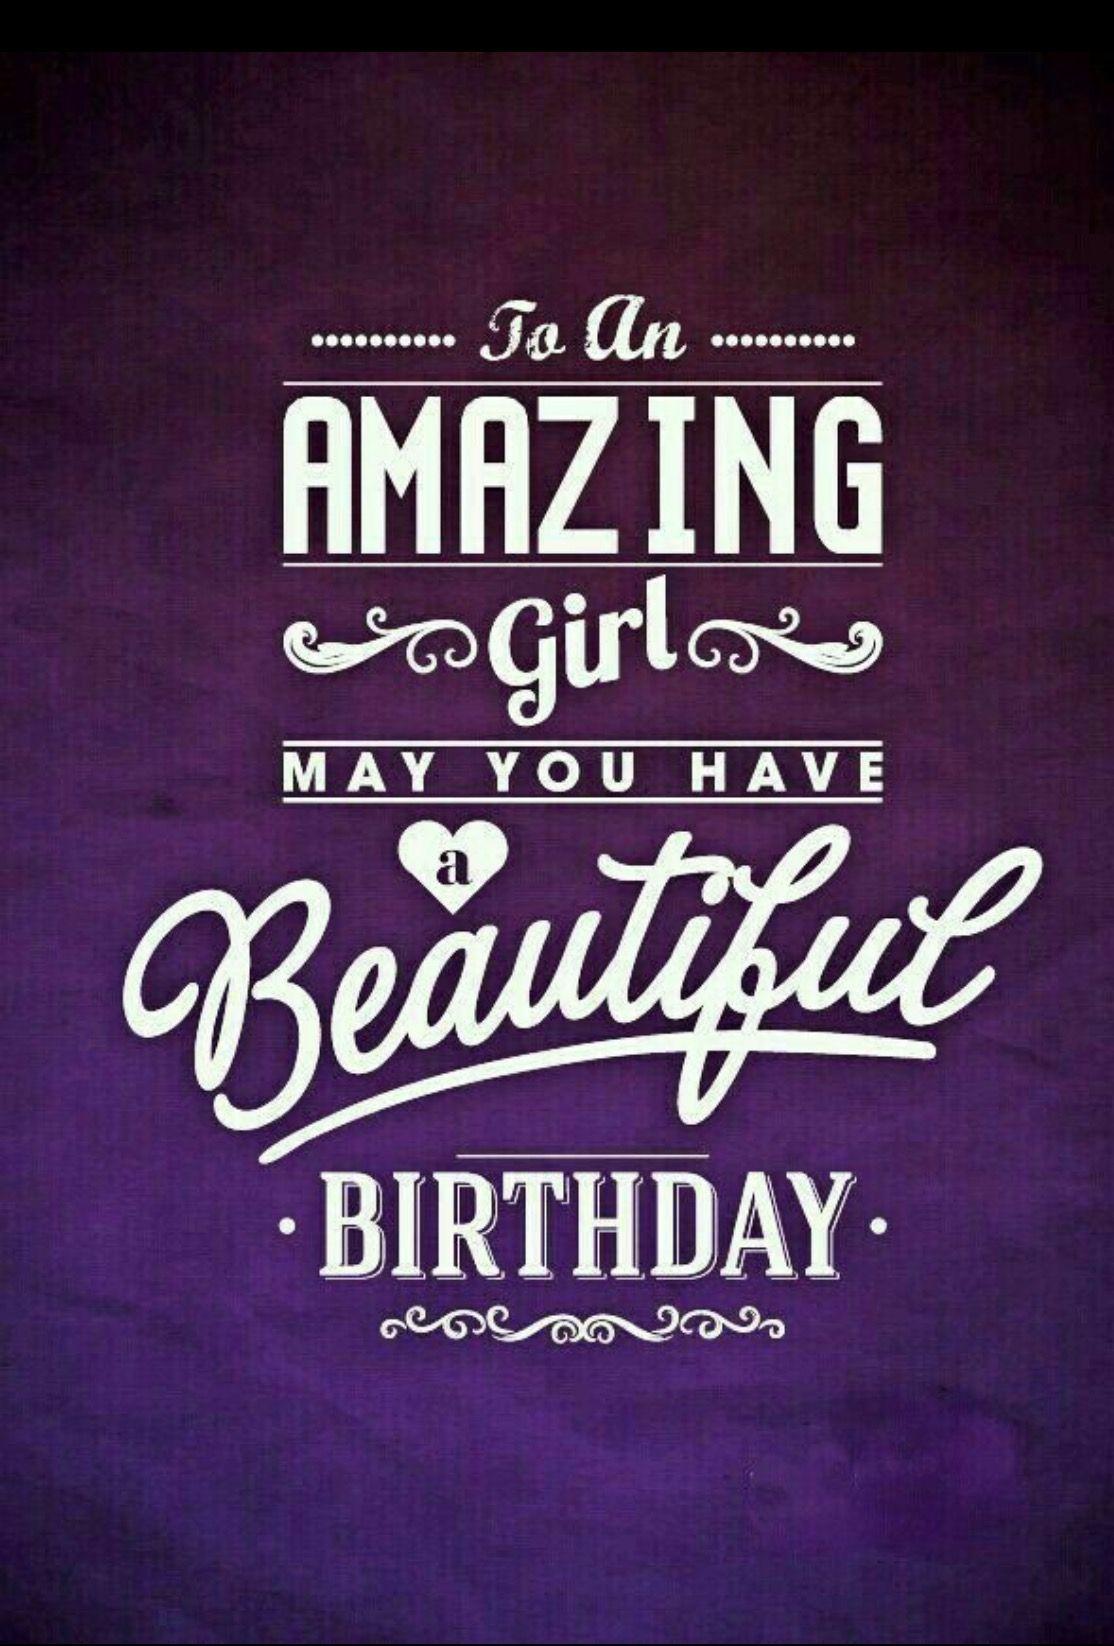 Geburtstag Happy Birthday Woman Herzliche Geburtstagsgrusse